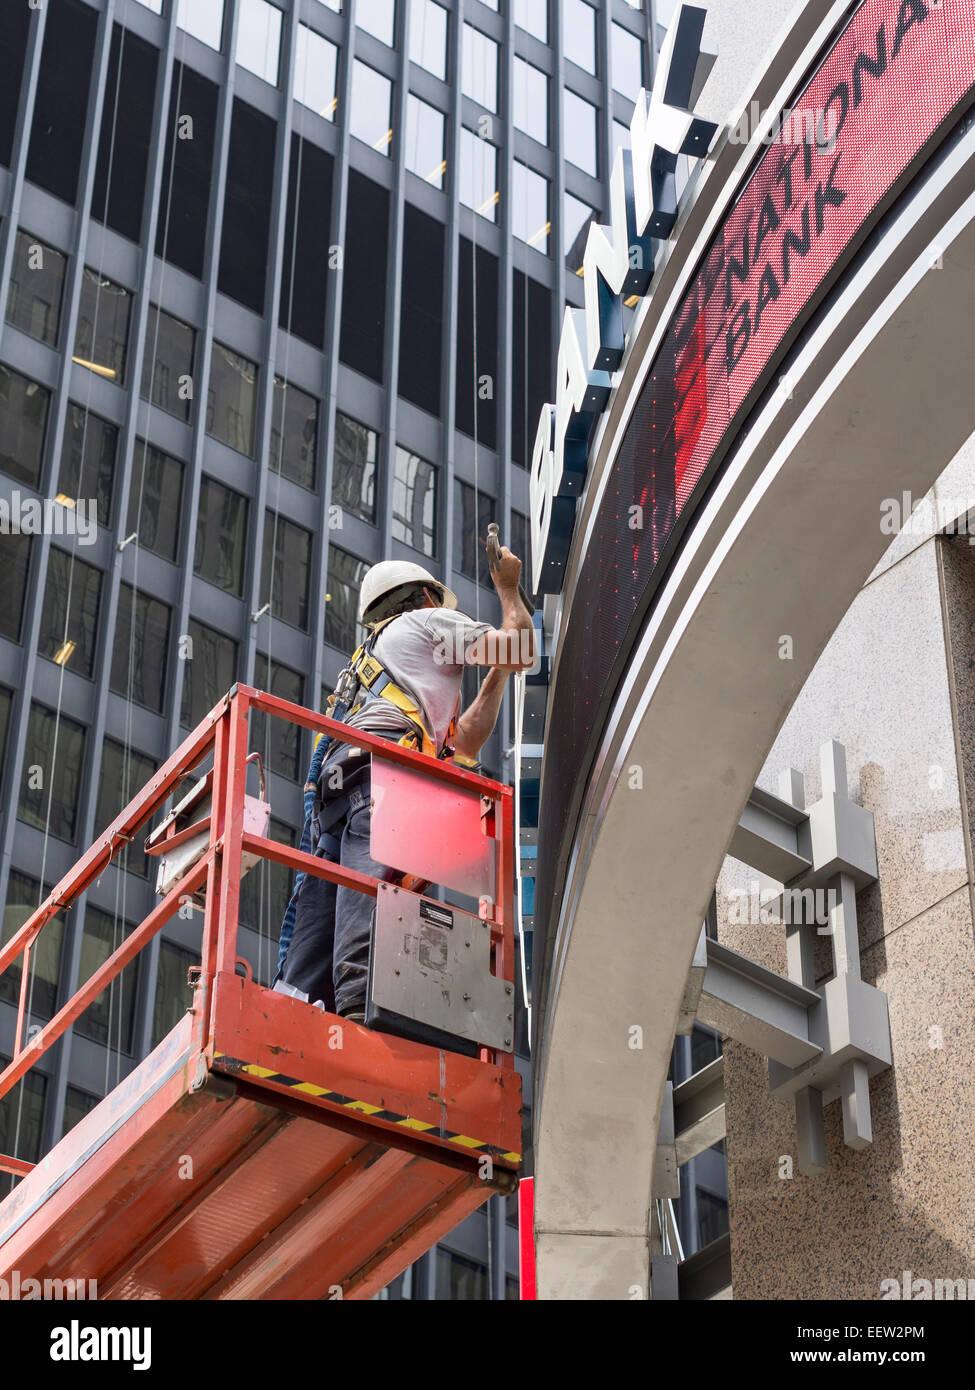 Reparación del banco . Un trabajador ejerce un martillo mientras trabaja en la reparación o instalación Imagen De Stock